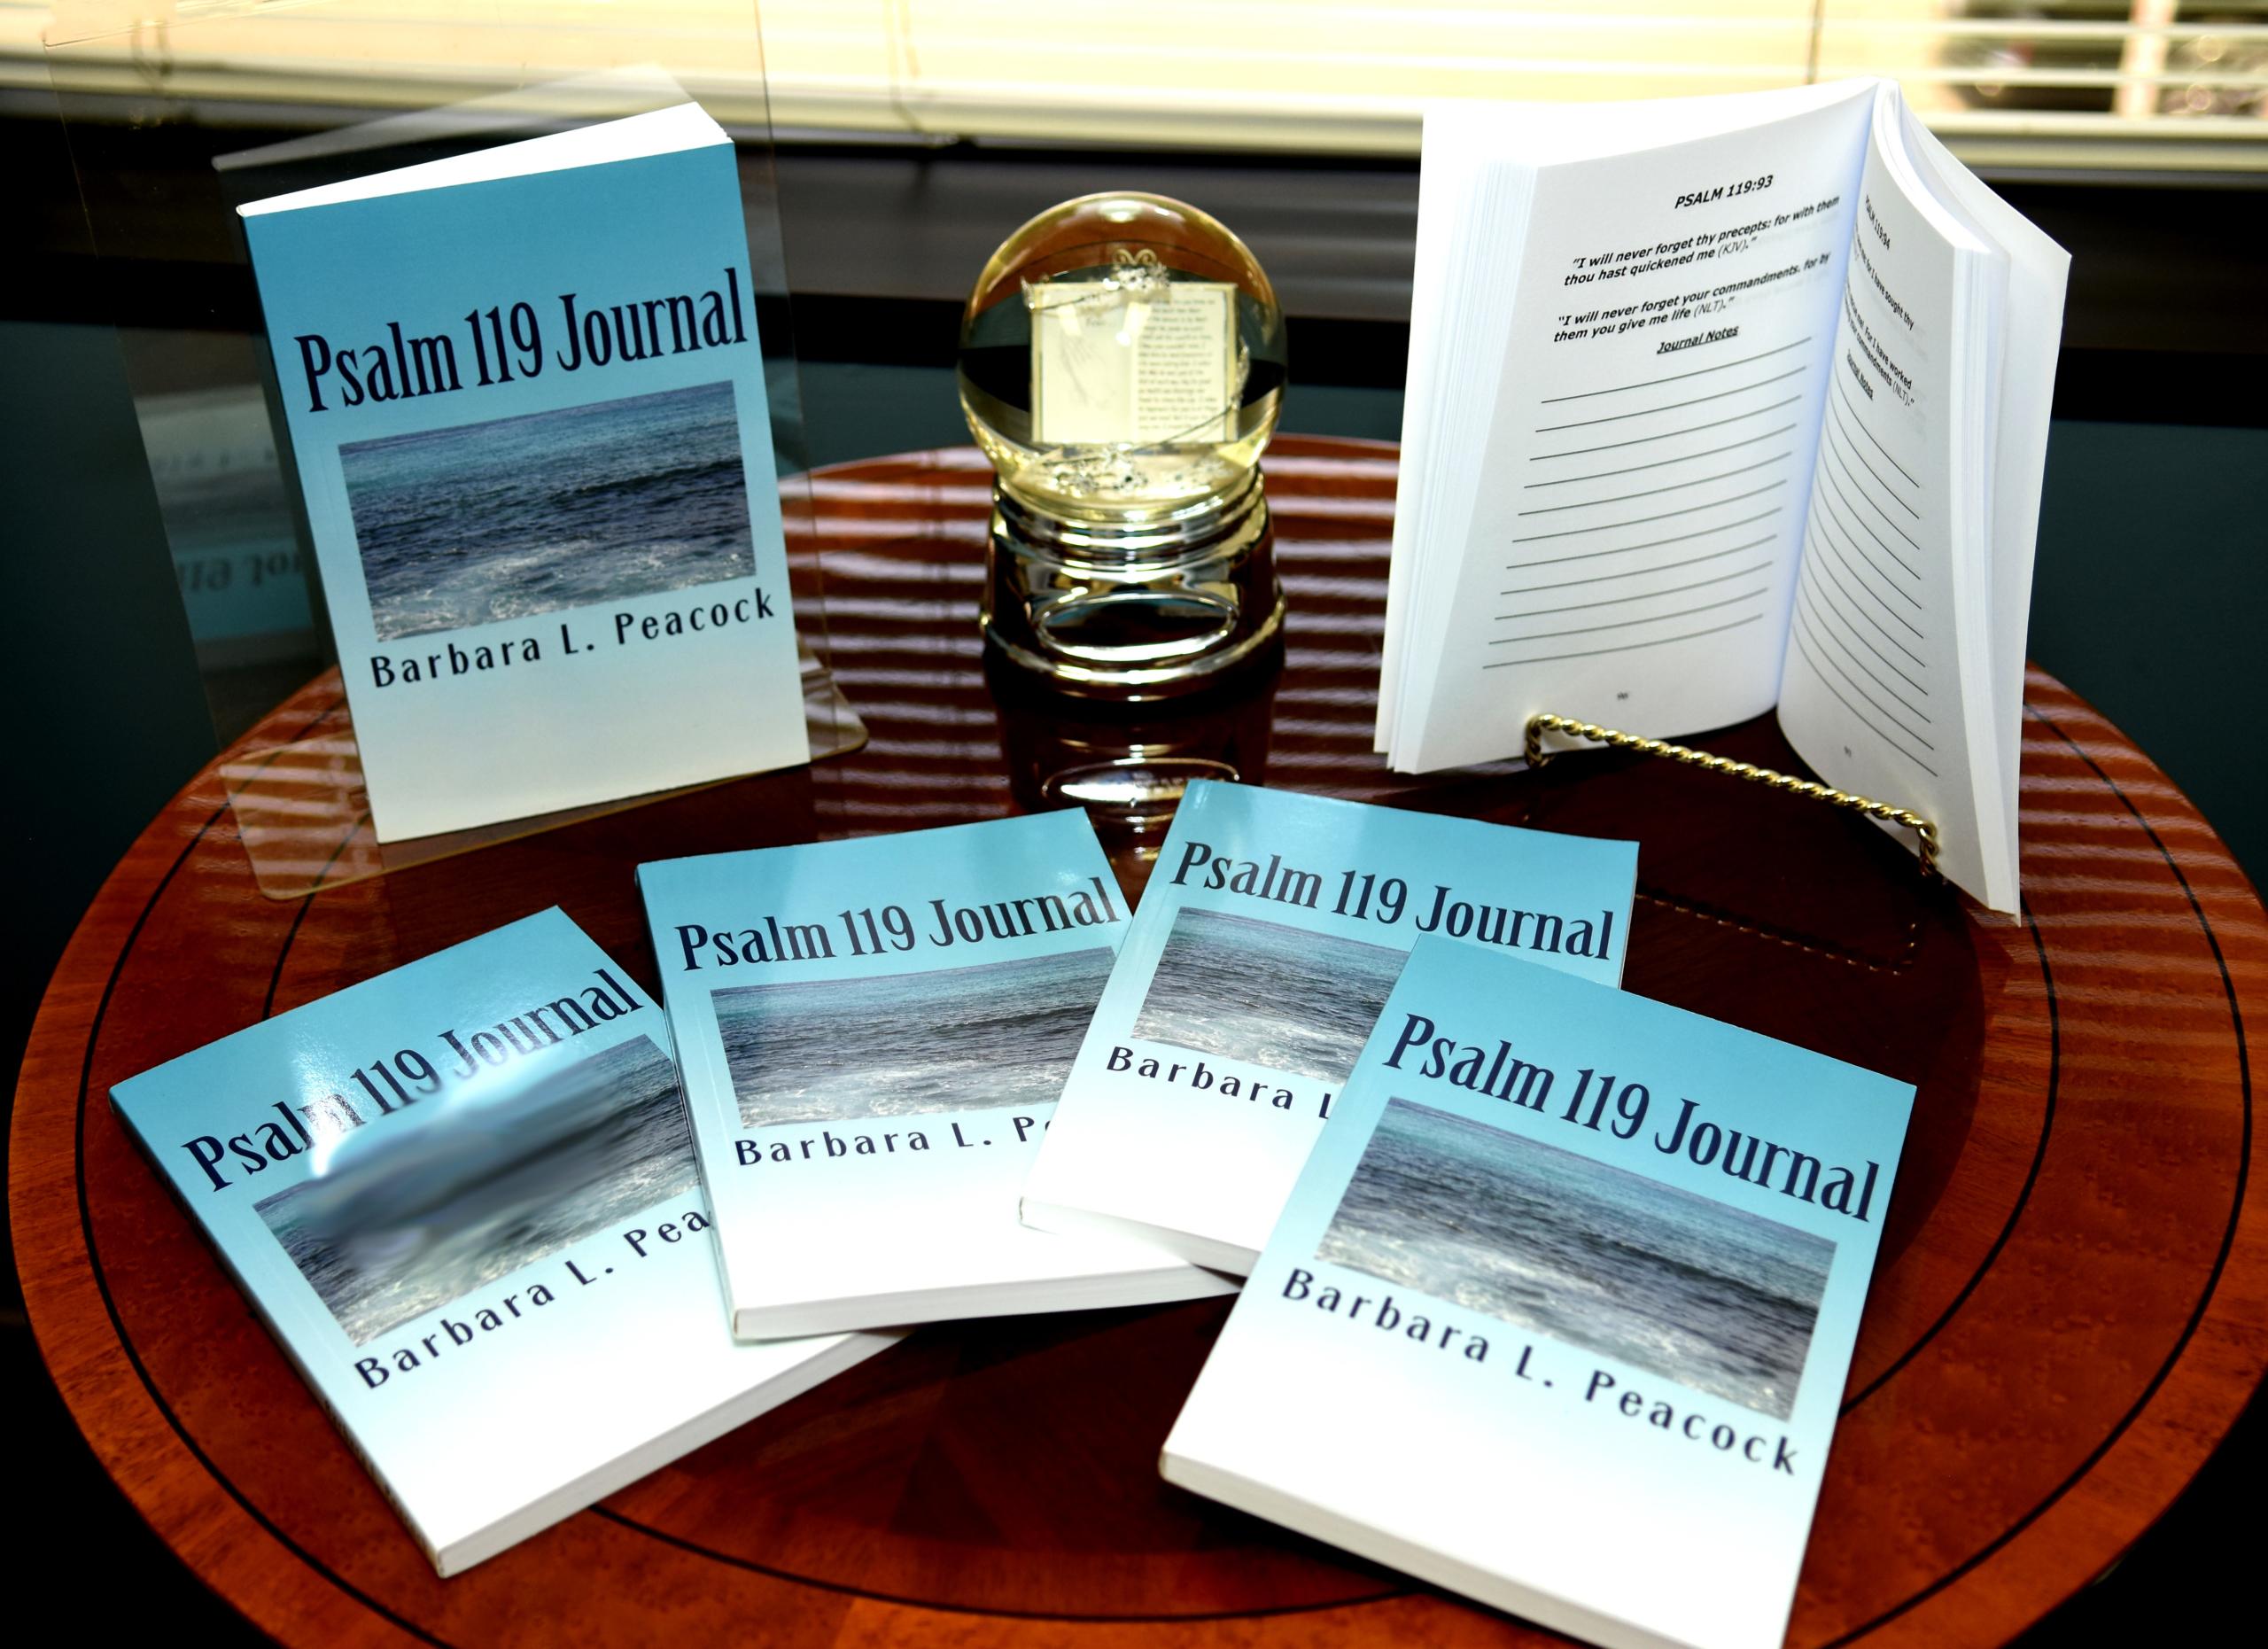 Psalm 119 Journal